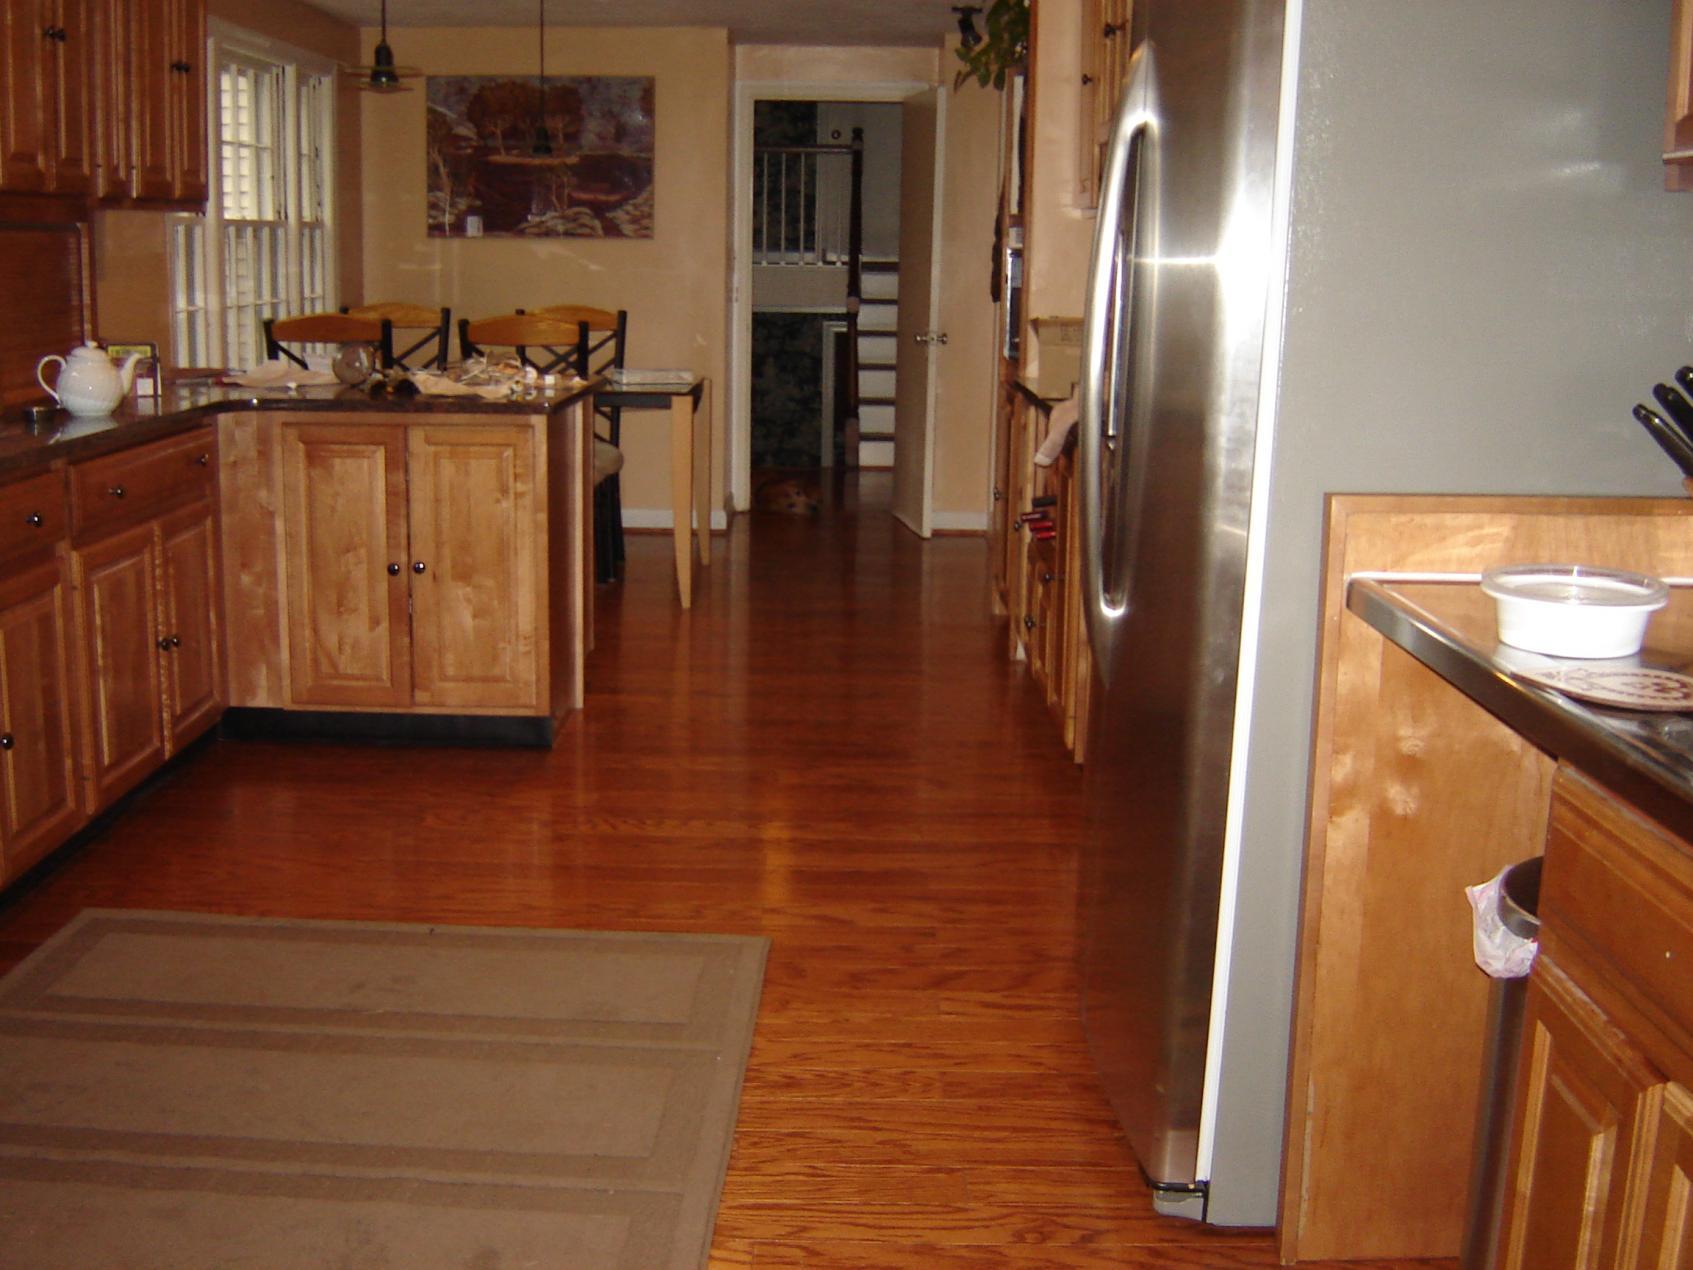 Tarkett transcend vinyl plank ask home design for Tarkett flooring canada